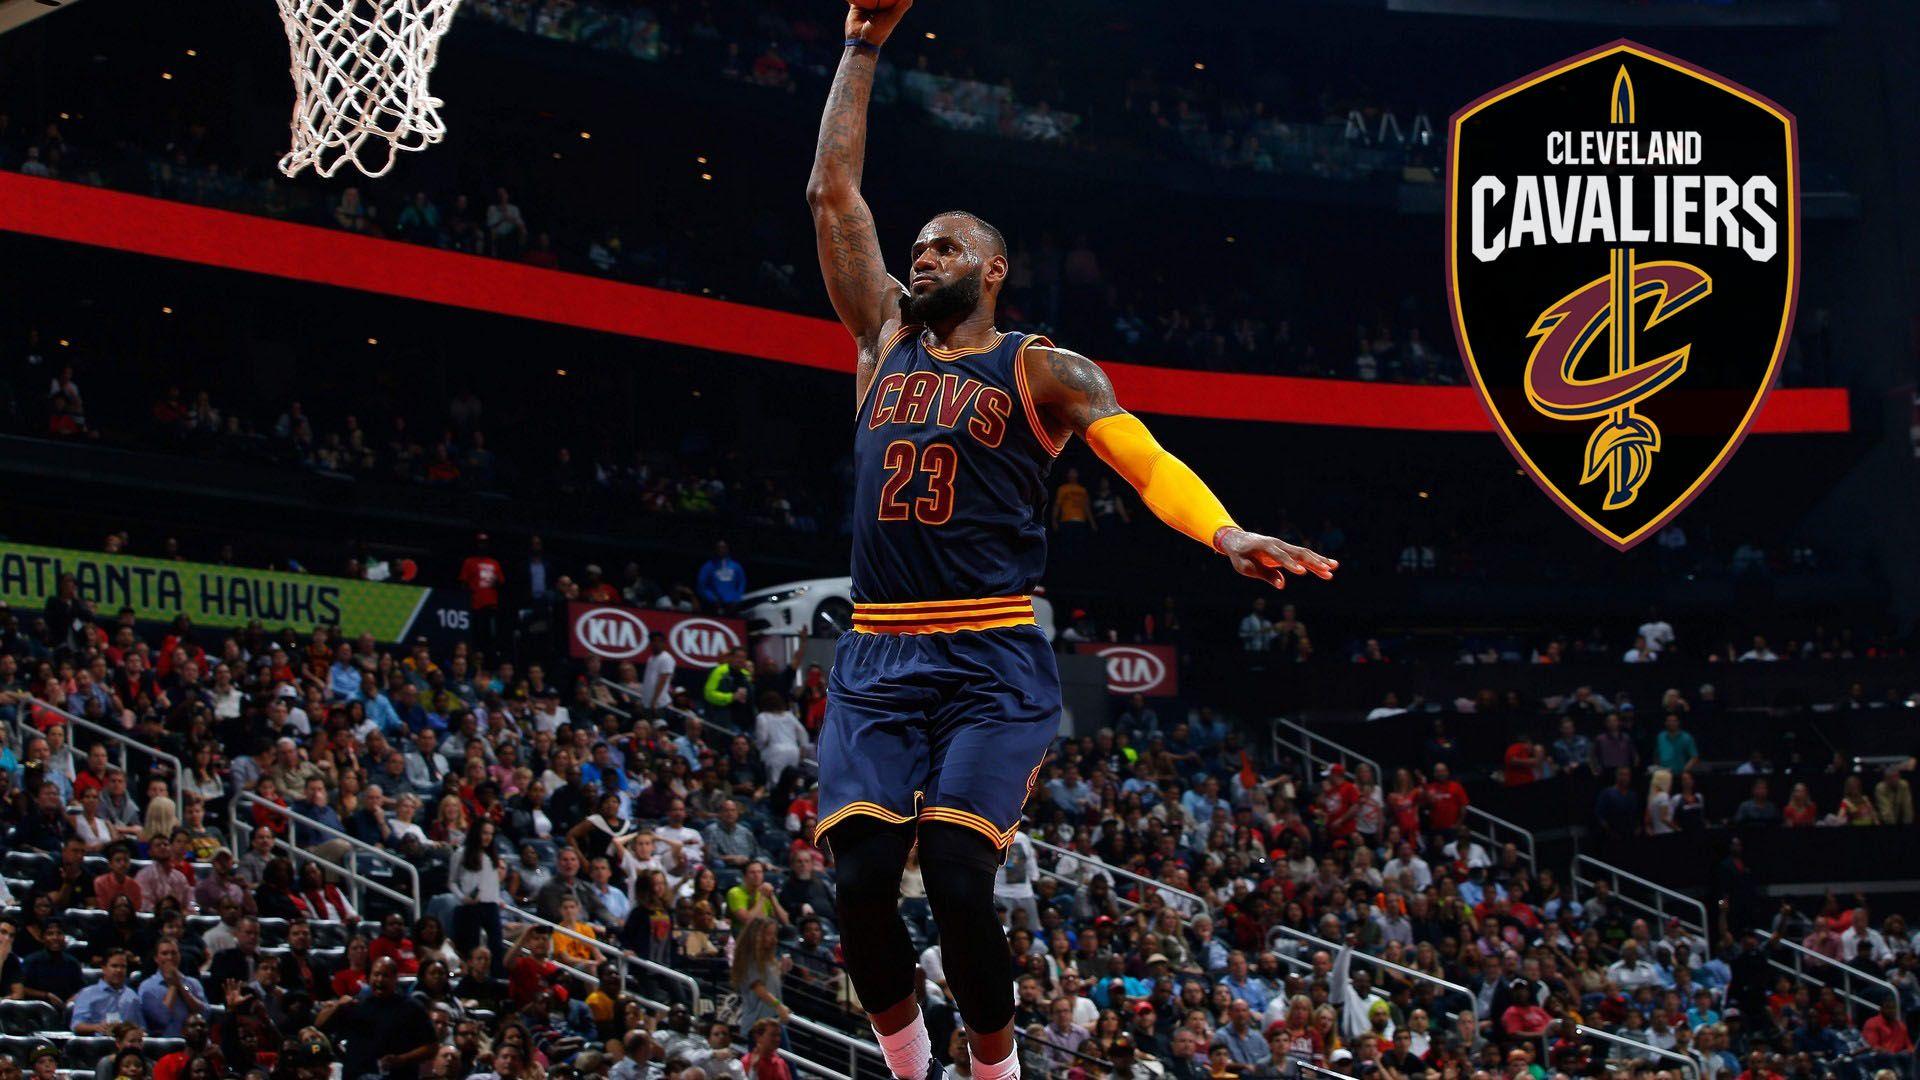 Basketball Wallpaper Best Basketball Wallpapers 2020 Basketball Wallpaper Lebron James Basketball Wallpapers Hd